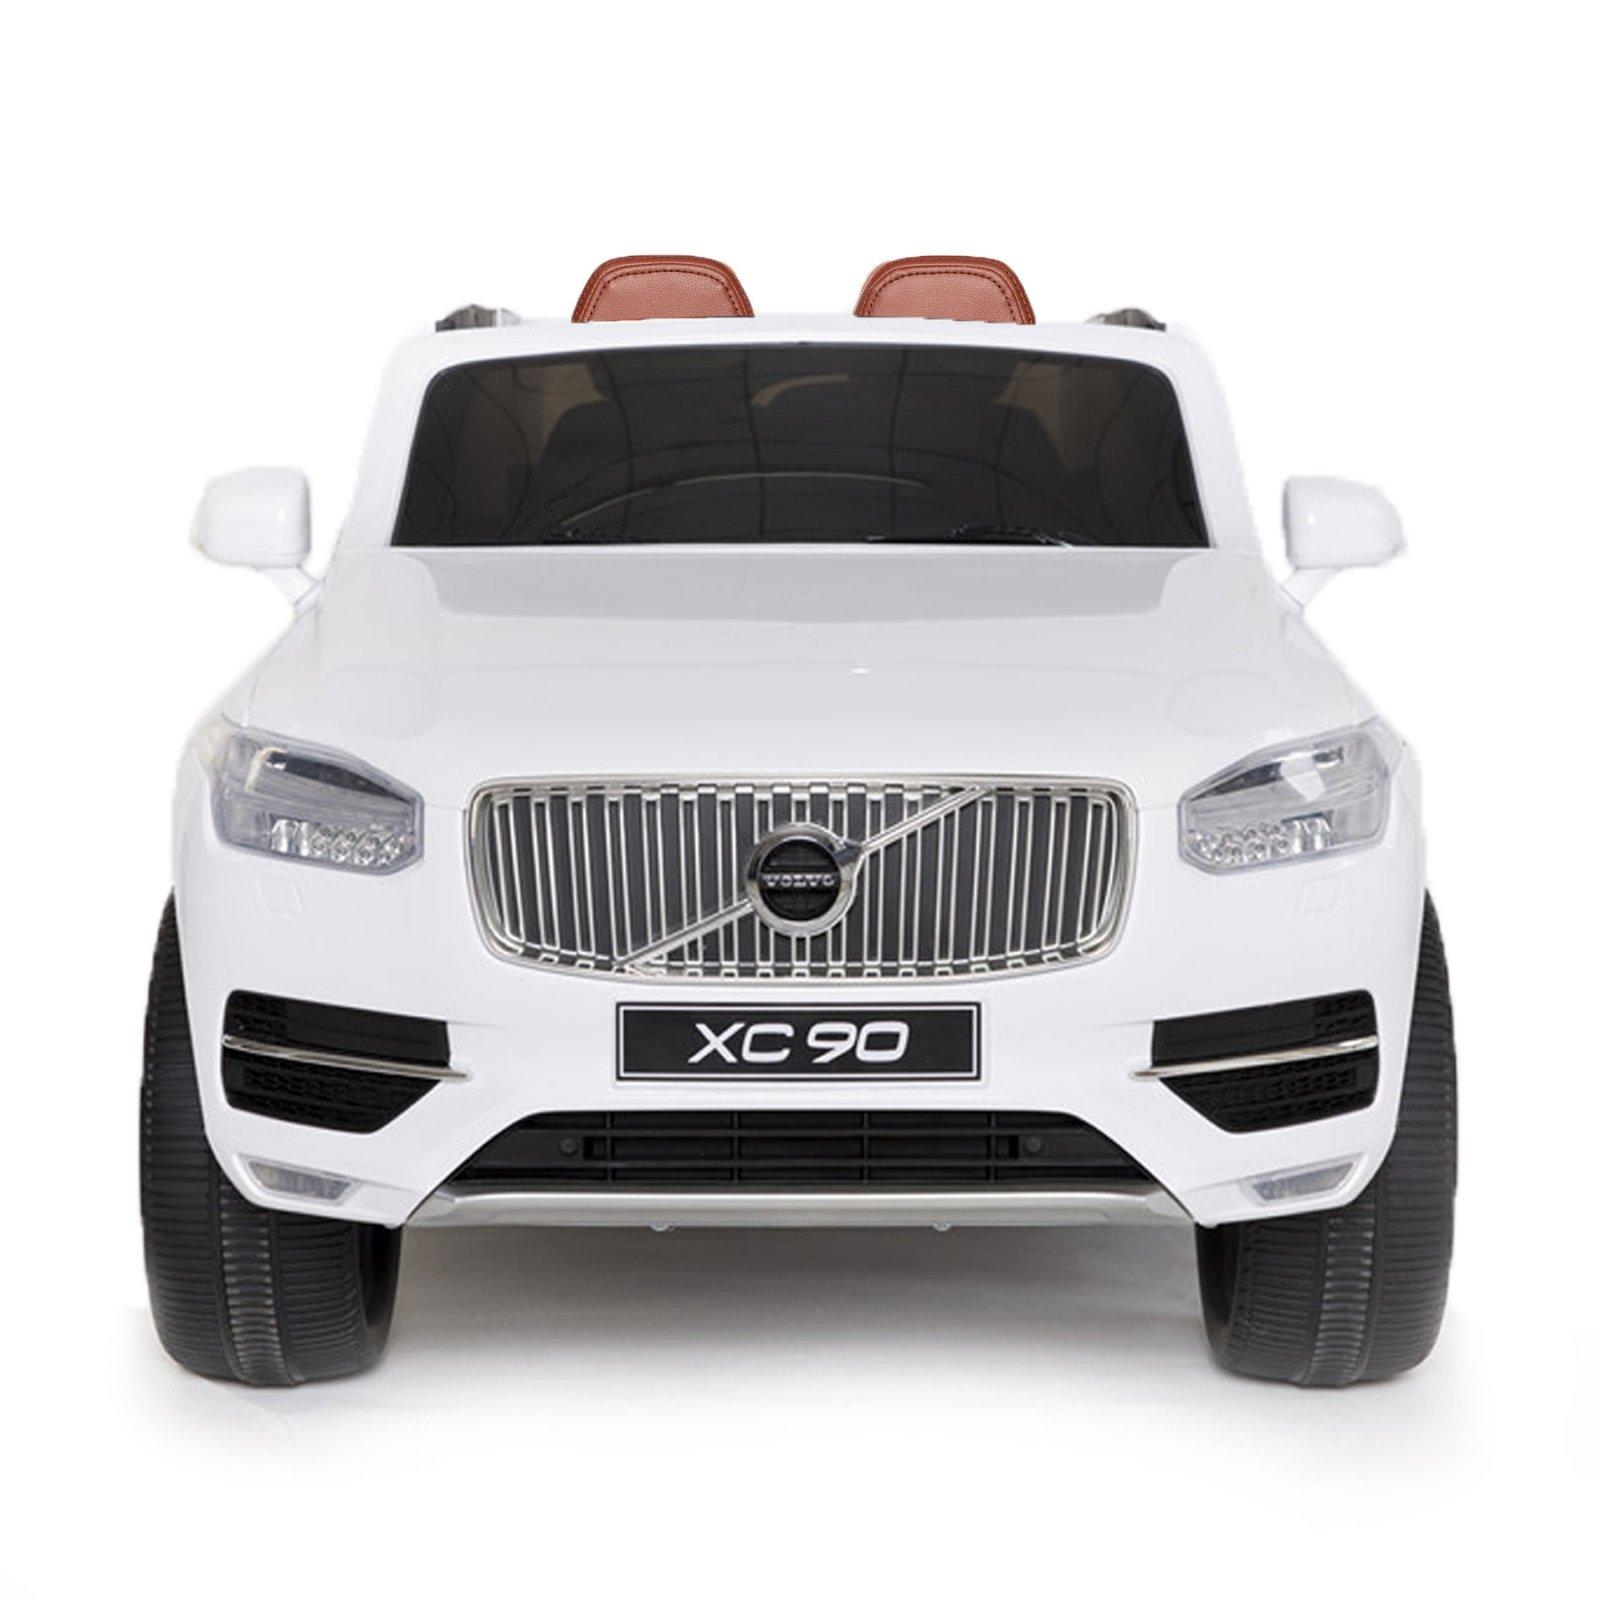 Volvo XC90 12V Licensed Battery Powered Kids Ride On Car White